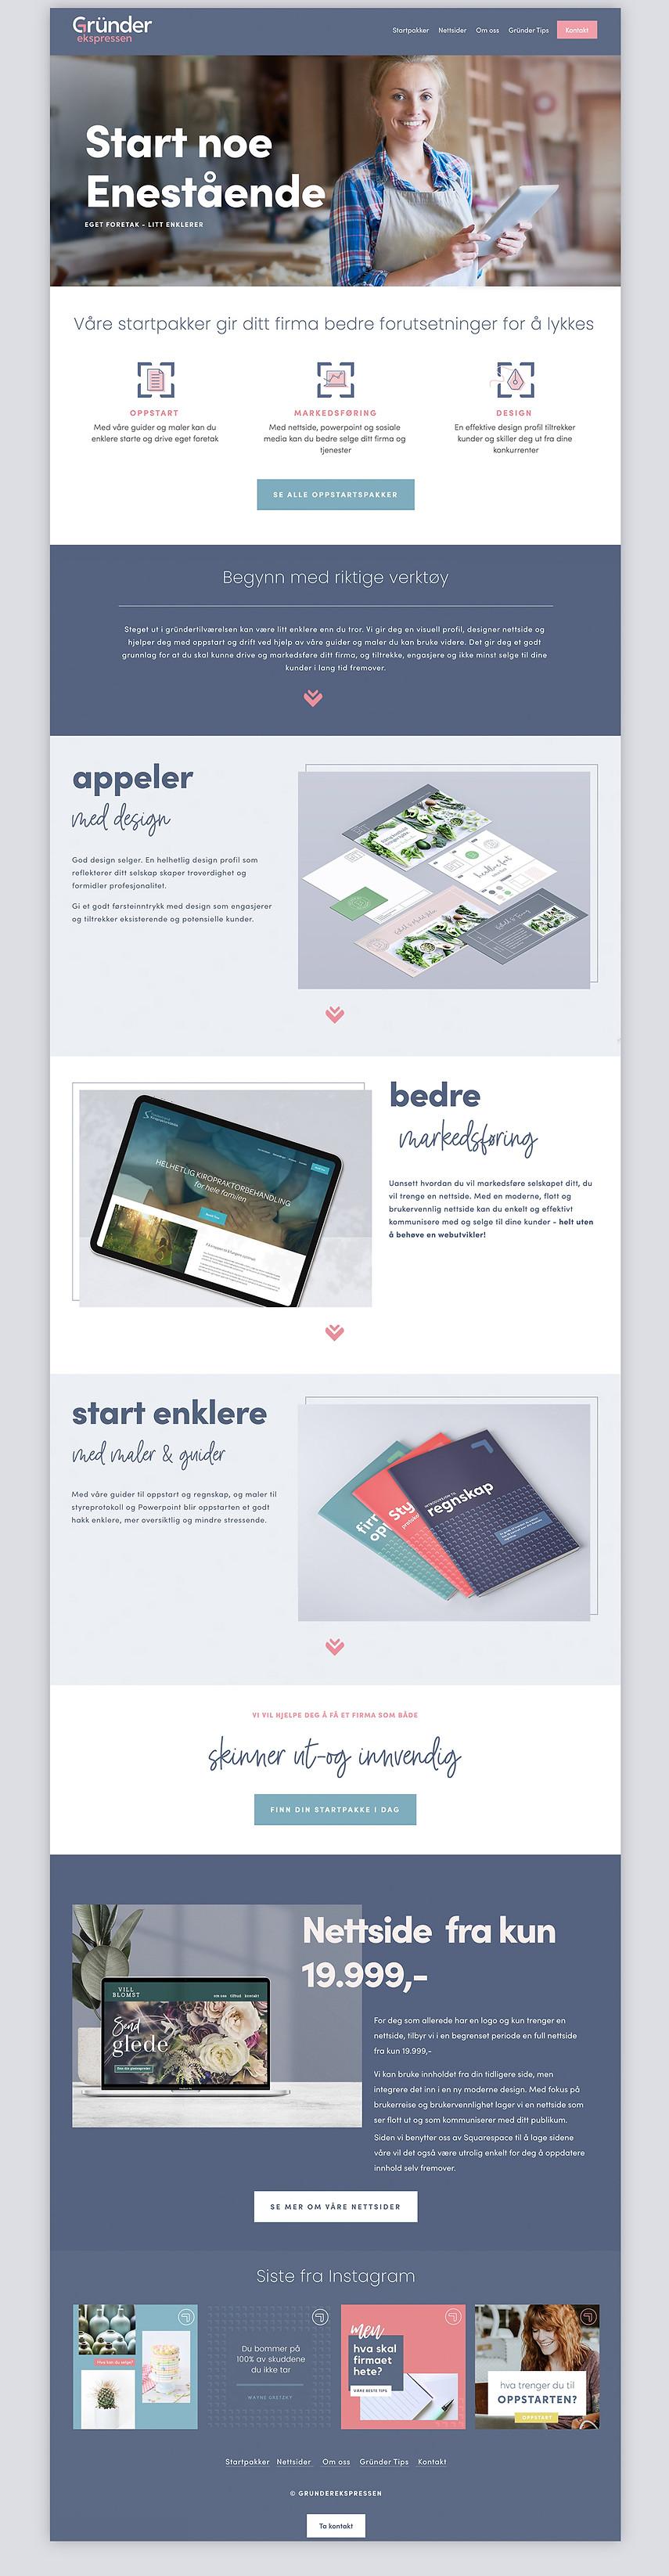 startup-webdesign.jpg